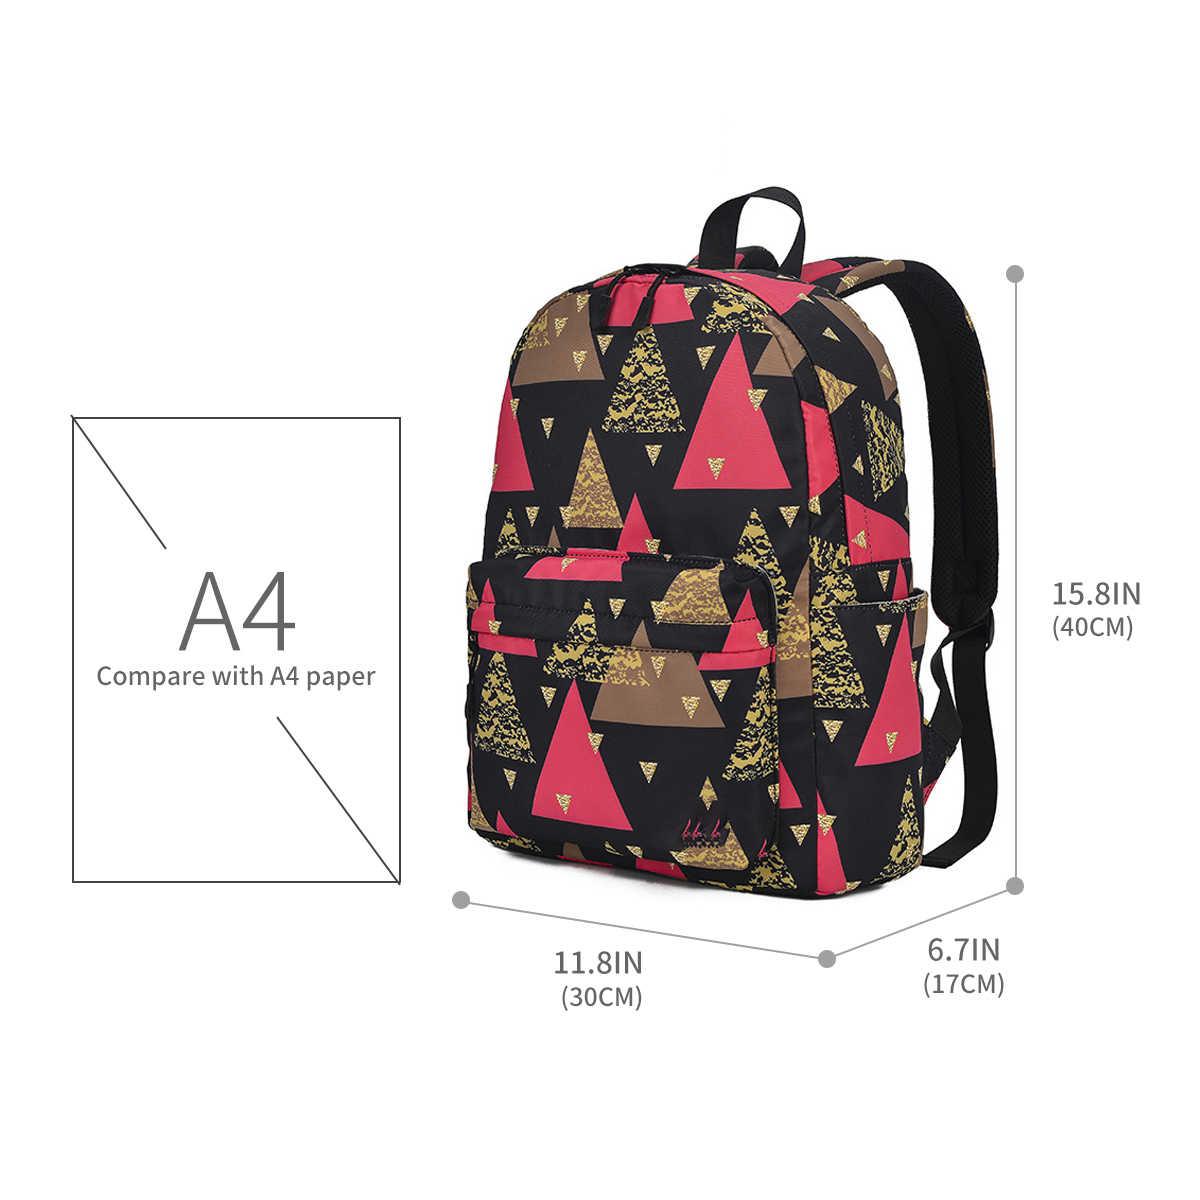 Peixe dos desenhos animados caranguejo medusa caranguejo tartaruga baleia comic mochila para as mulheres multi bolso viagem mochilas mochila escolar para adolescente